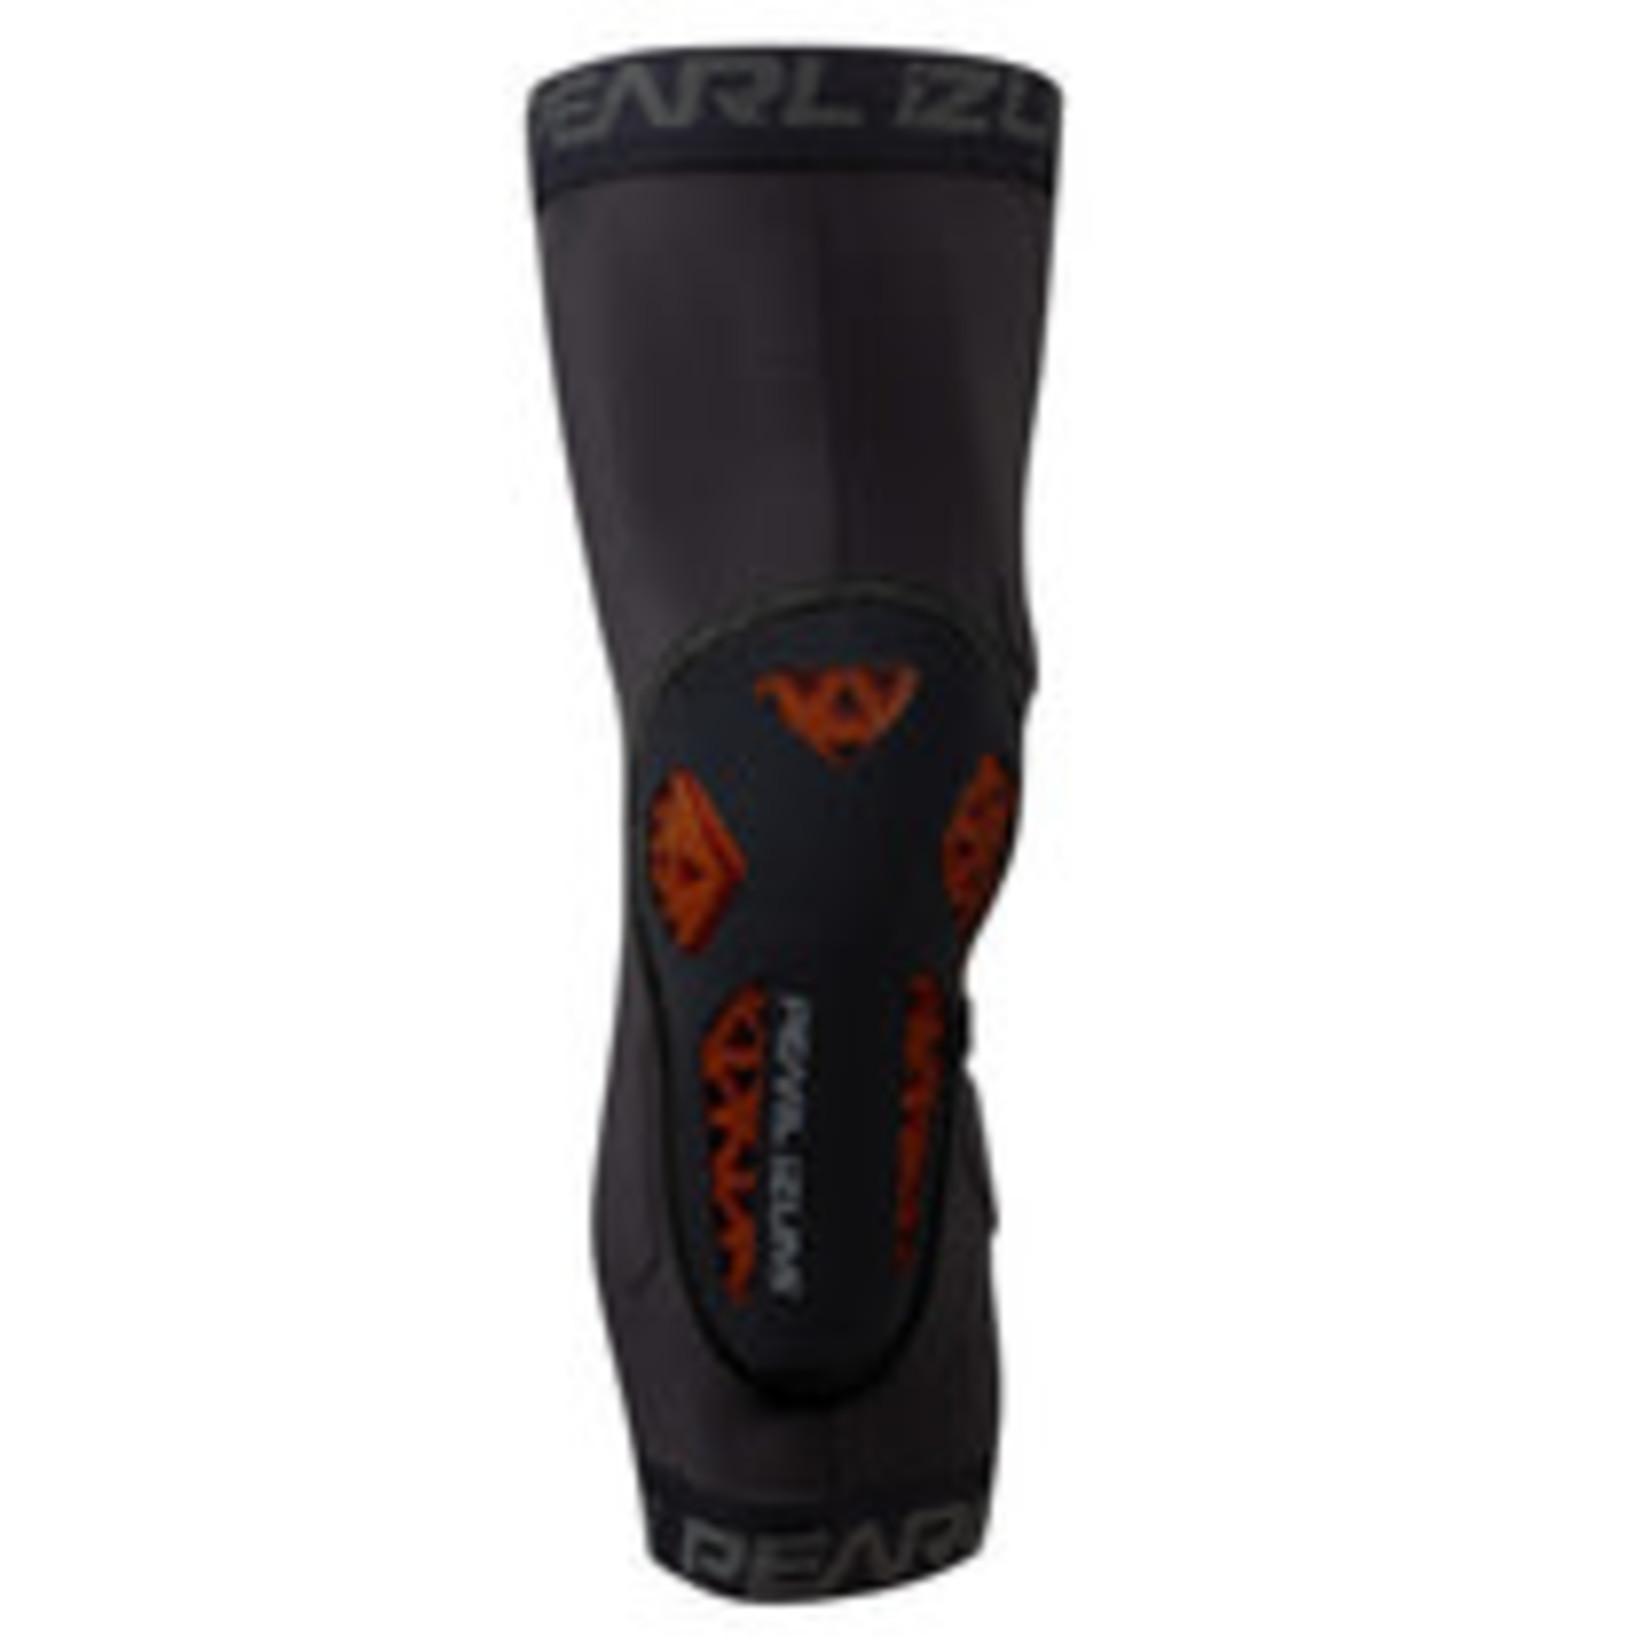 Pearl Izumi Pearl Izumi Elevate Knee Guard XL Black